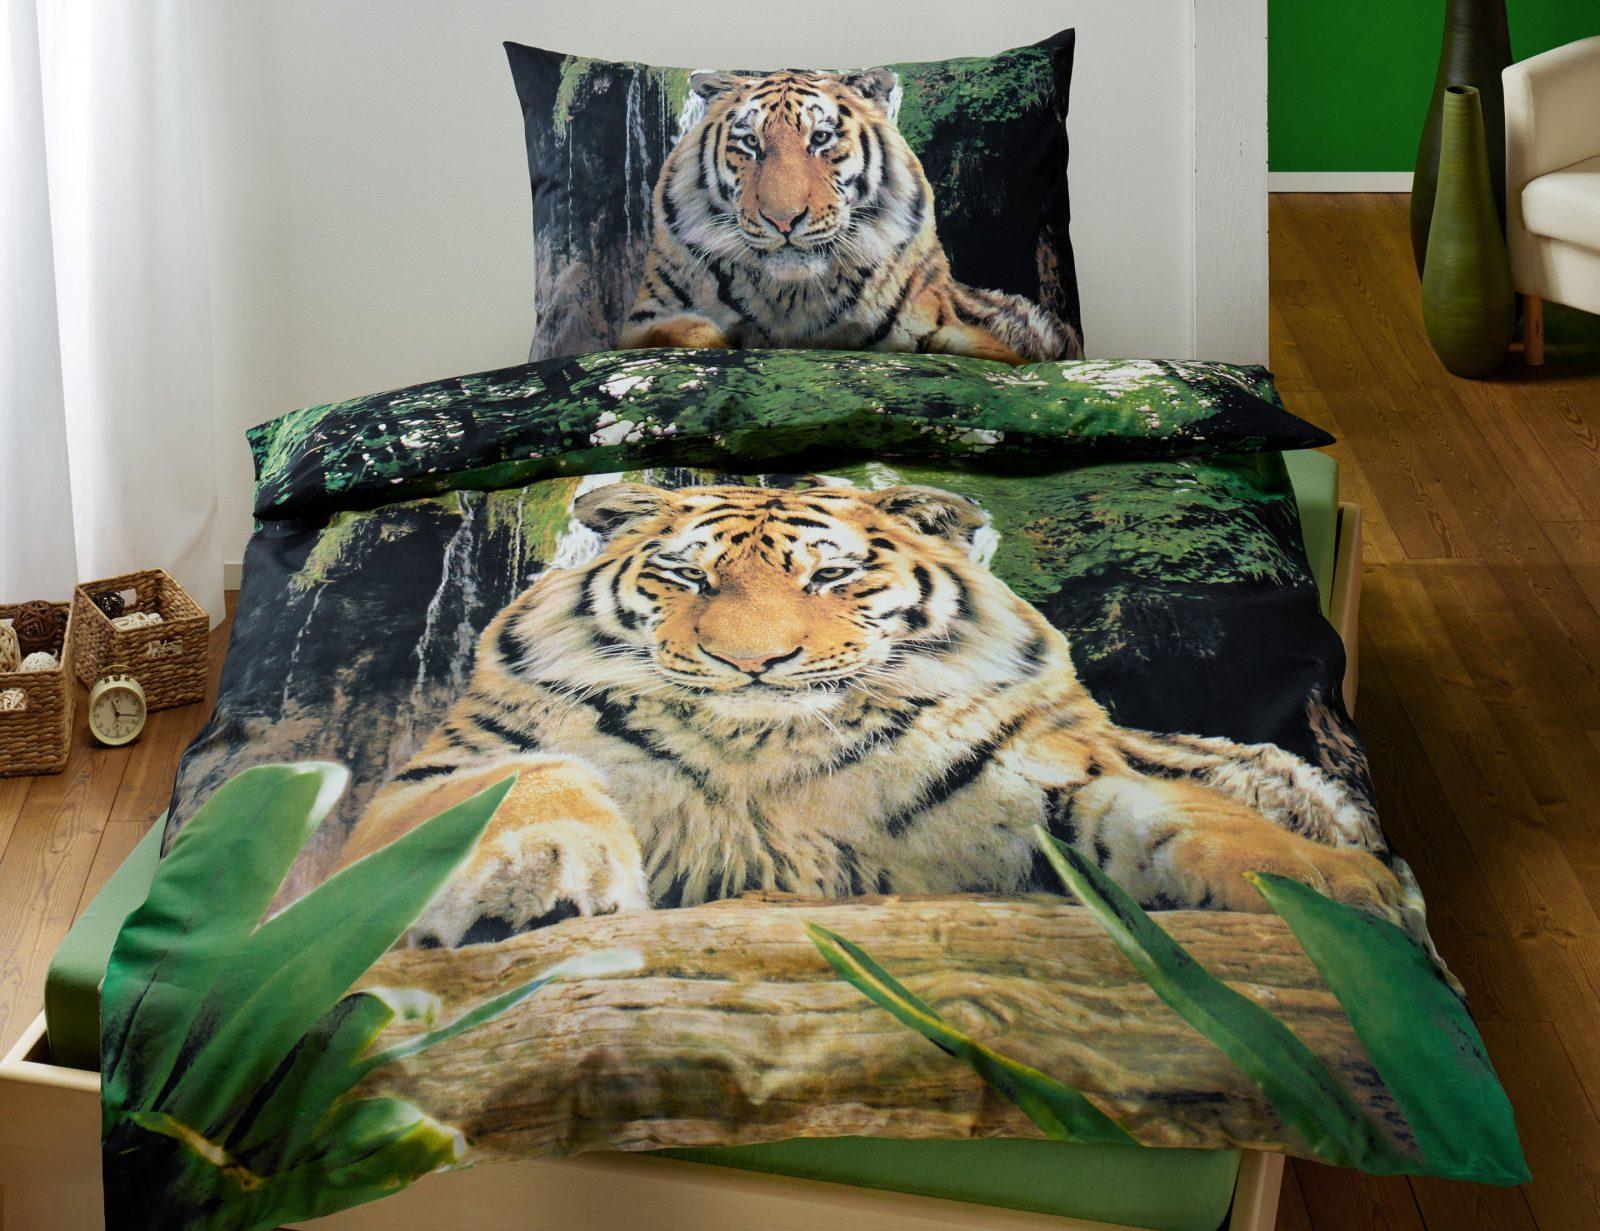 Bettwäsche Mit Tigermotiv Fotodruck Günstig  Bettwaeschech von Bettwäsche Fotodruck Tiere Bild